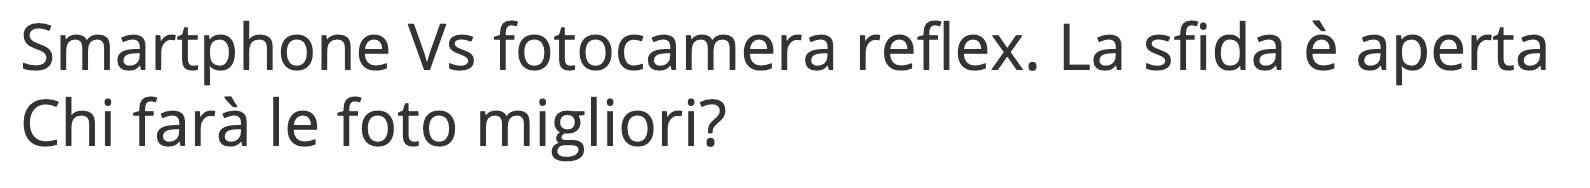 Smartphone contro Reflex